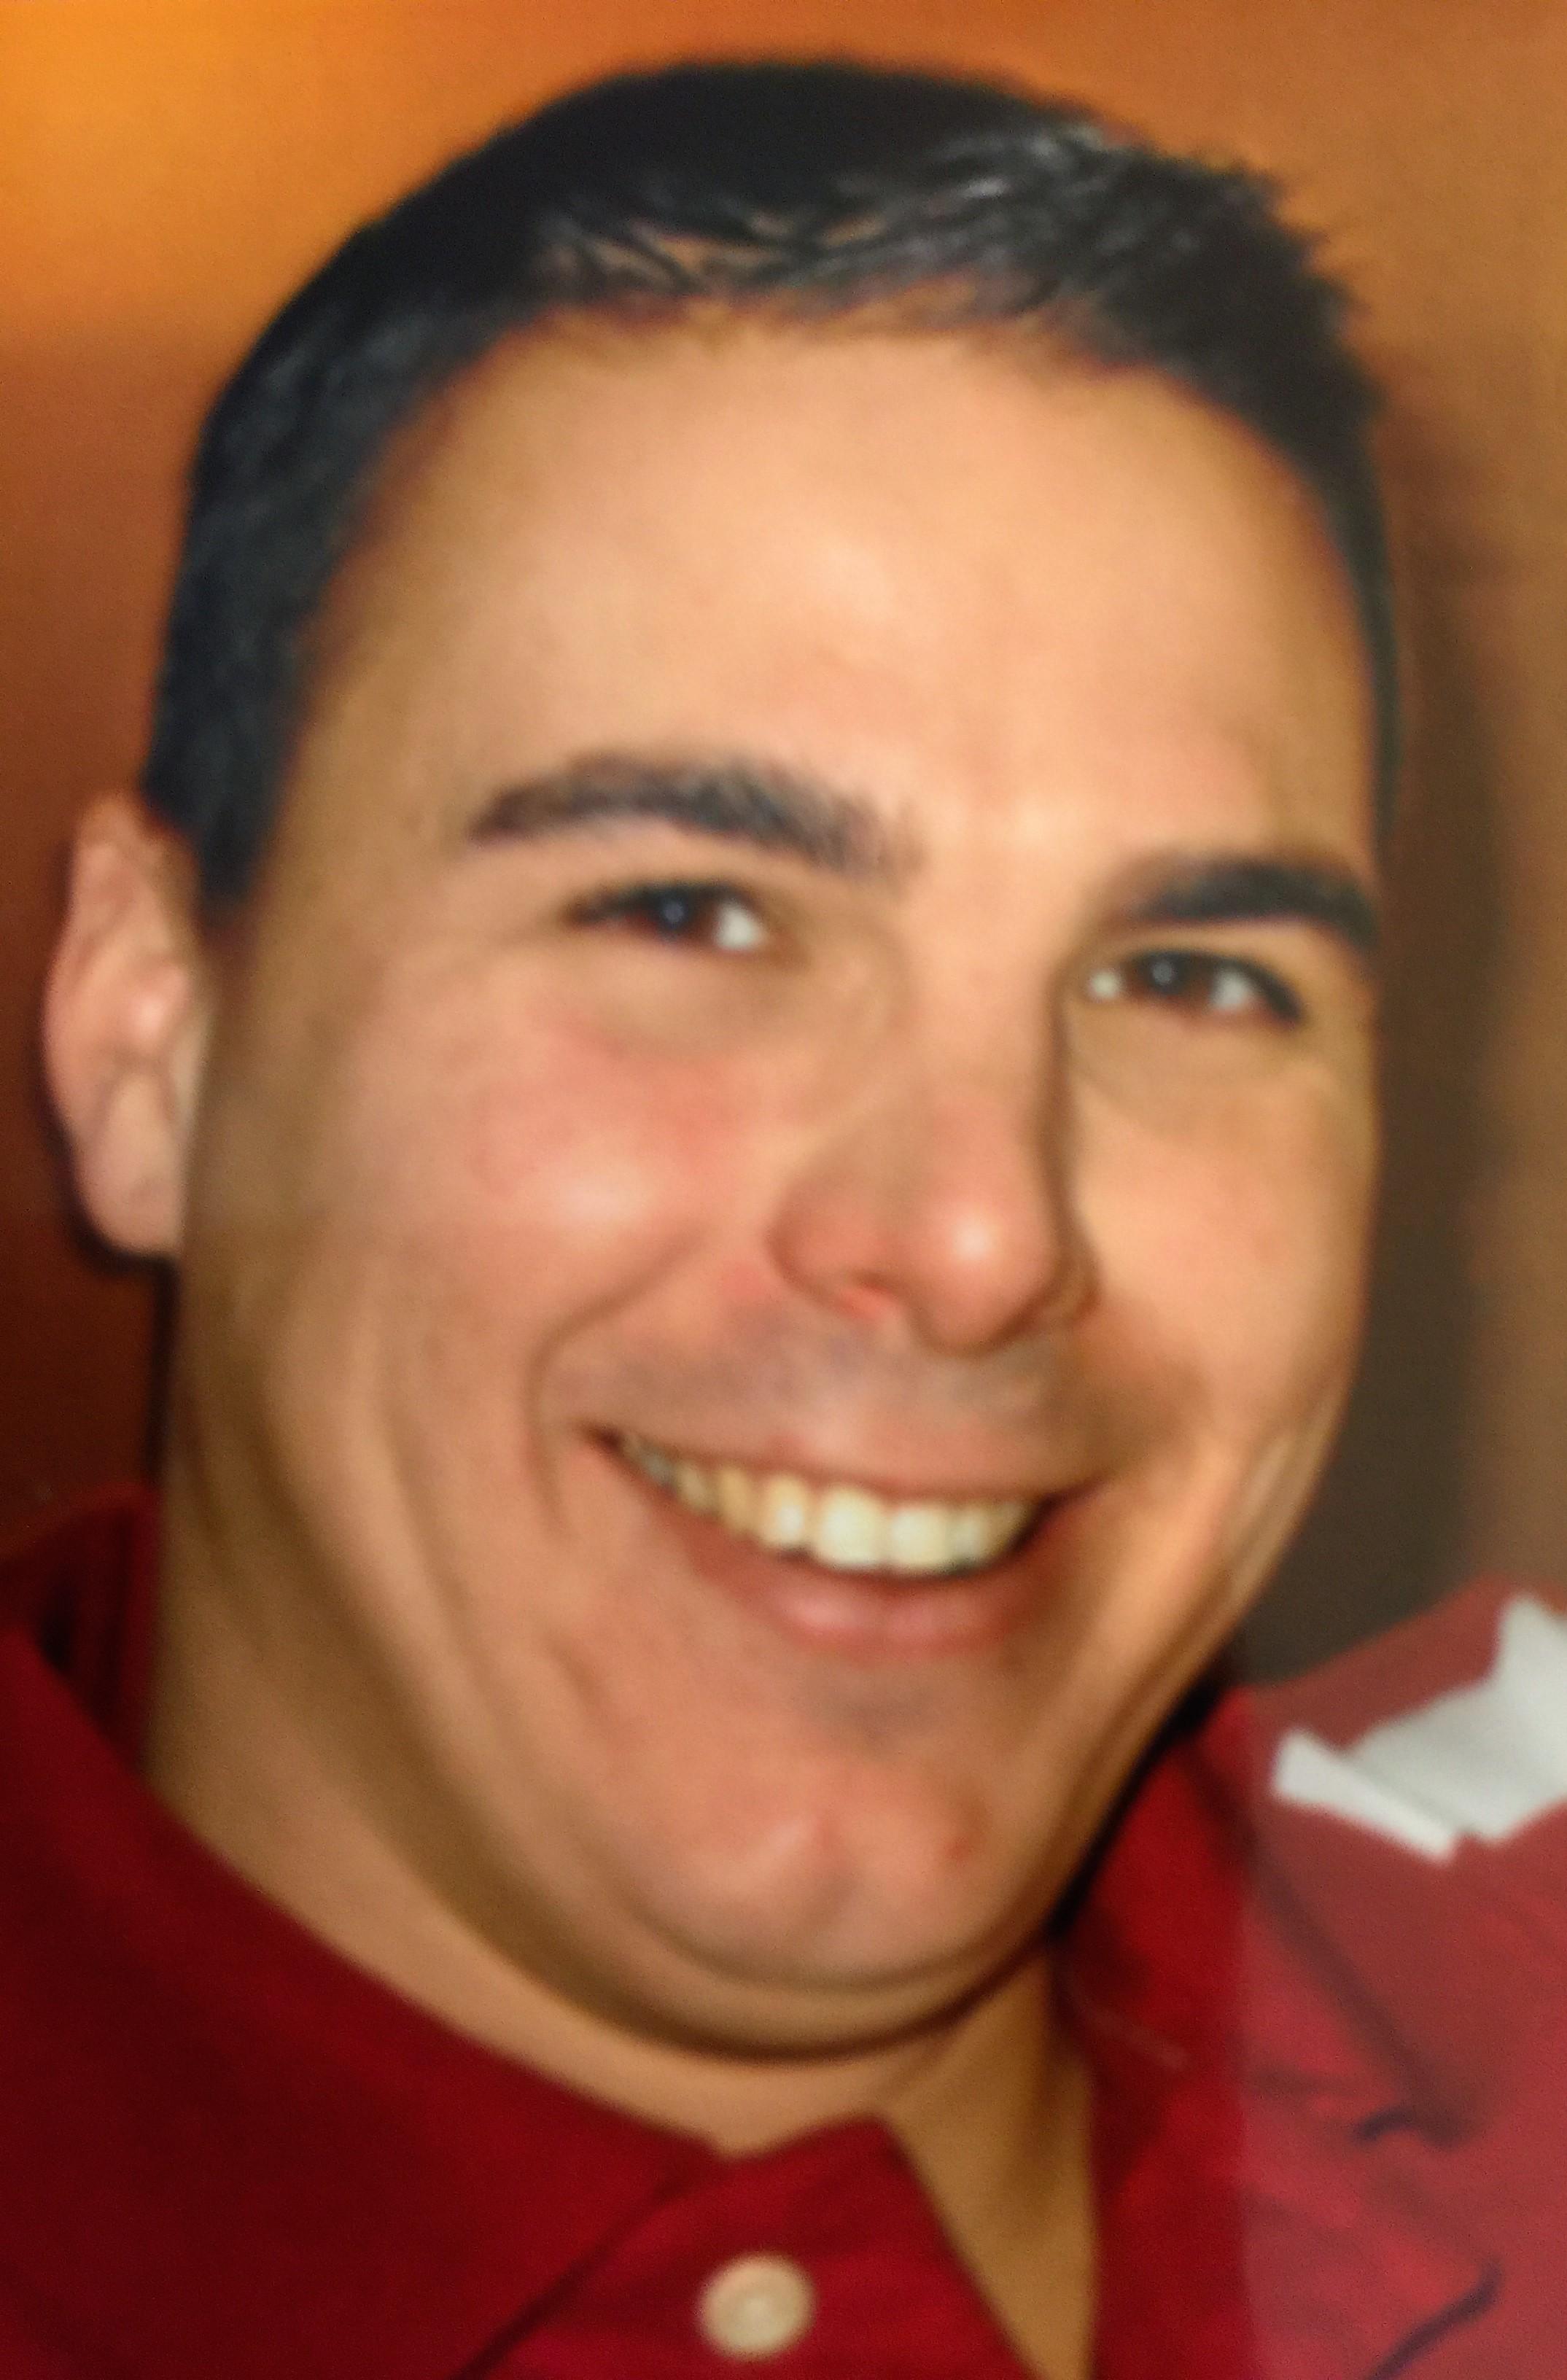 Christopher Shawn Garner